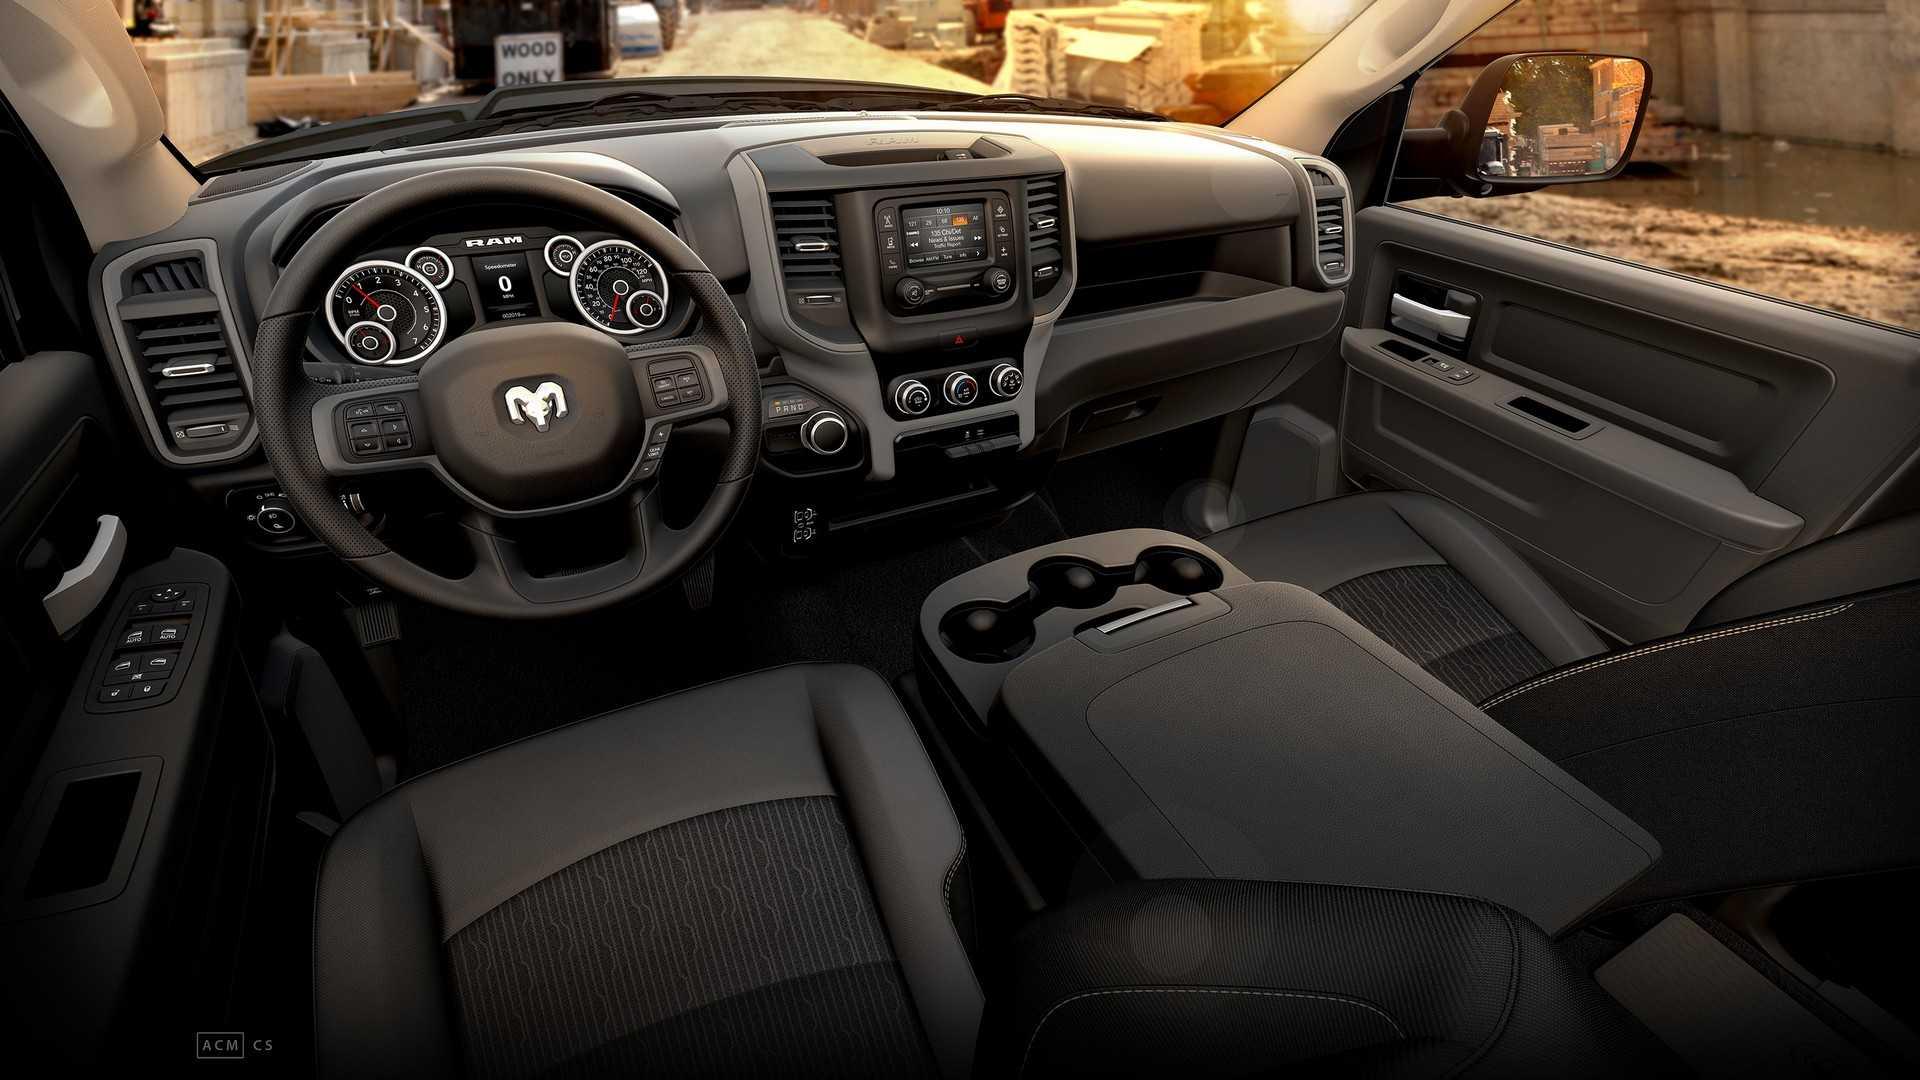 2019-ram-heavy-duty-interior (17)